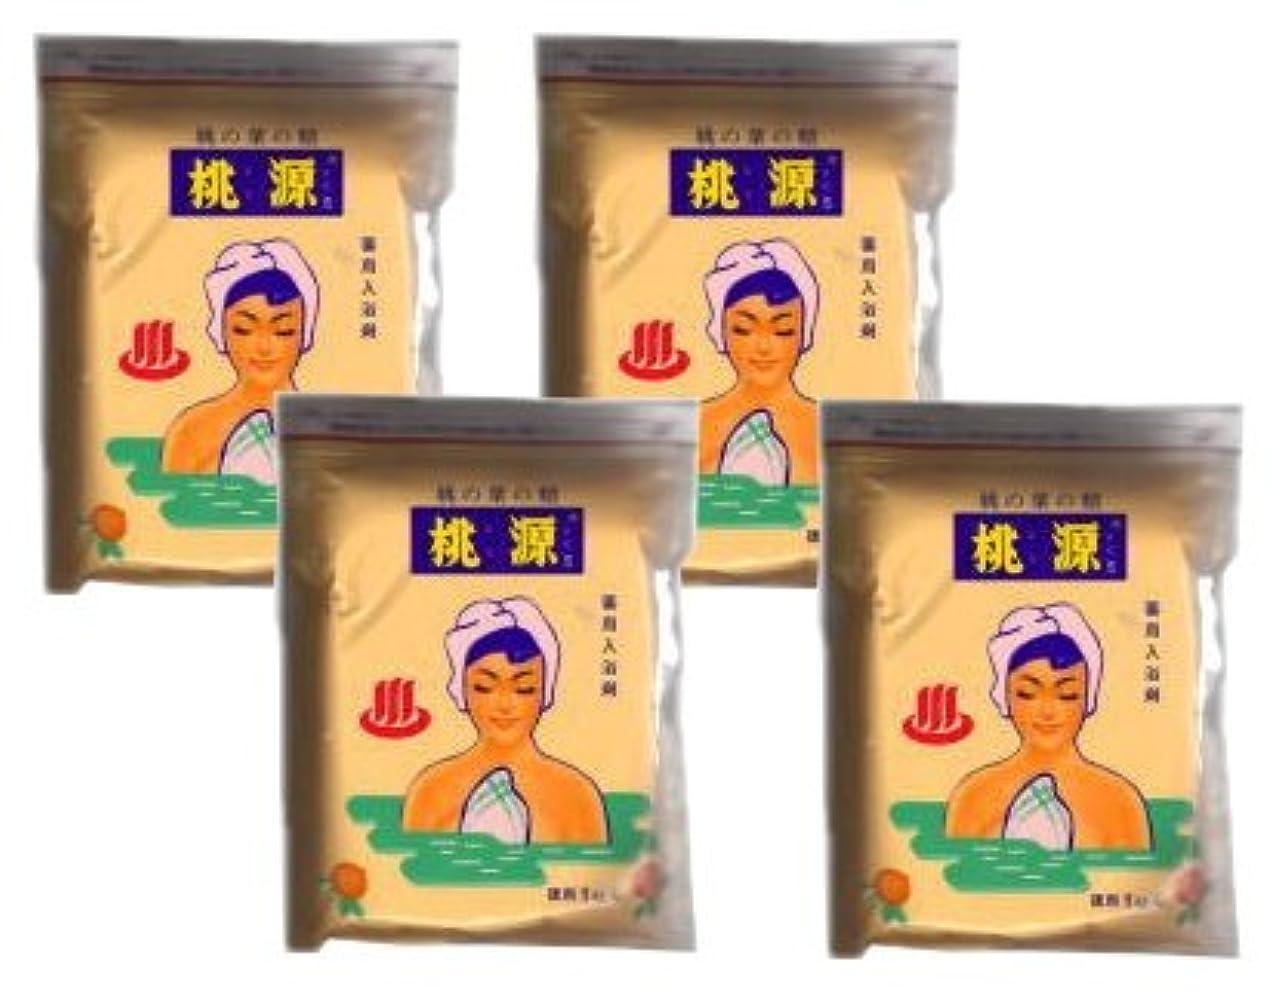 グリップ香港待って桃源S 桃の葉の精 1000g 袋入り 4袋 (とうげん)